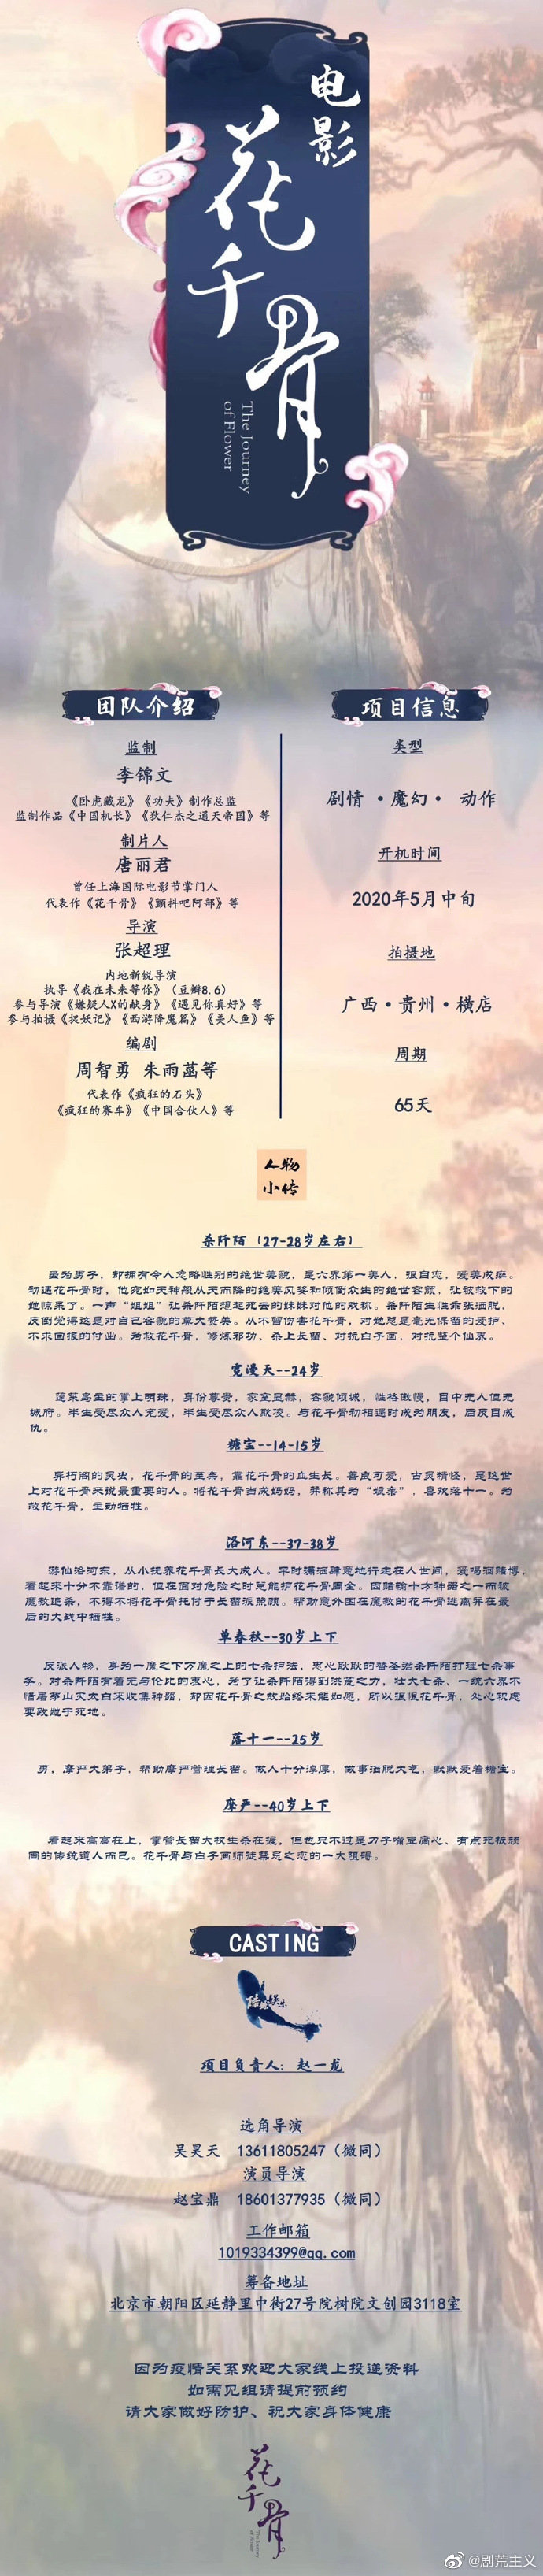 电影版《花千骨》最终主演:陈都灵 赖美云 张紫宁 李程彬